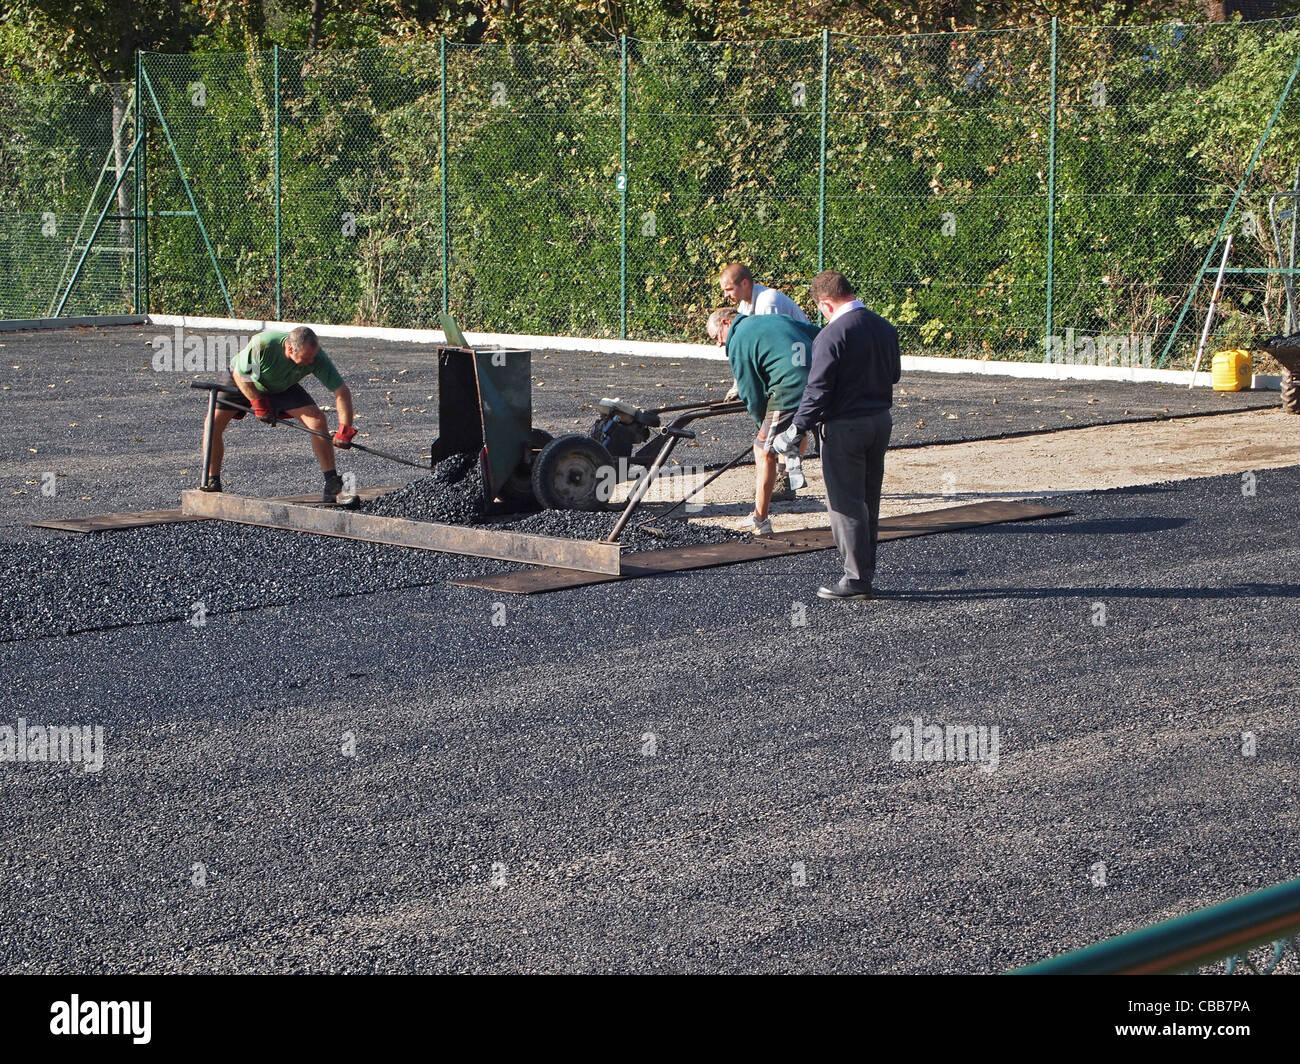 Construcción de canchas de tenis de arcilla sintética - la base de la capa de Macadam está nivelado Imagen De Stock